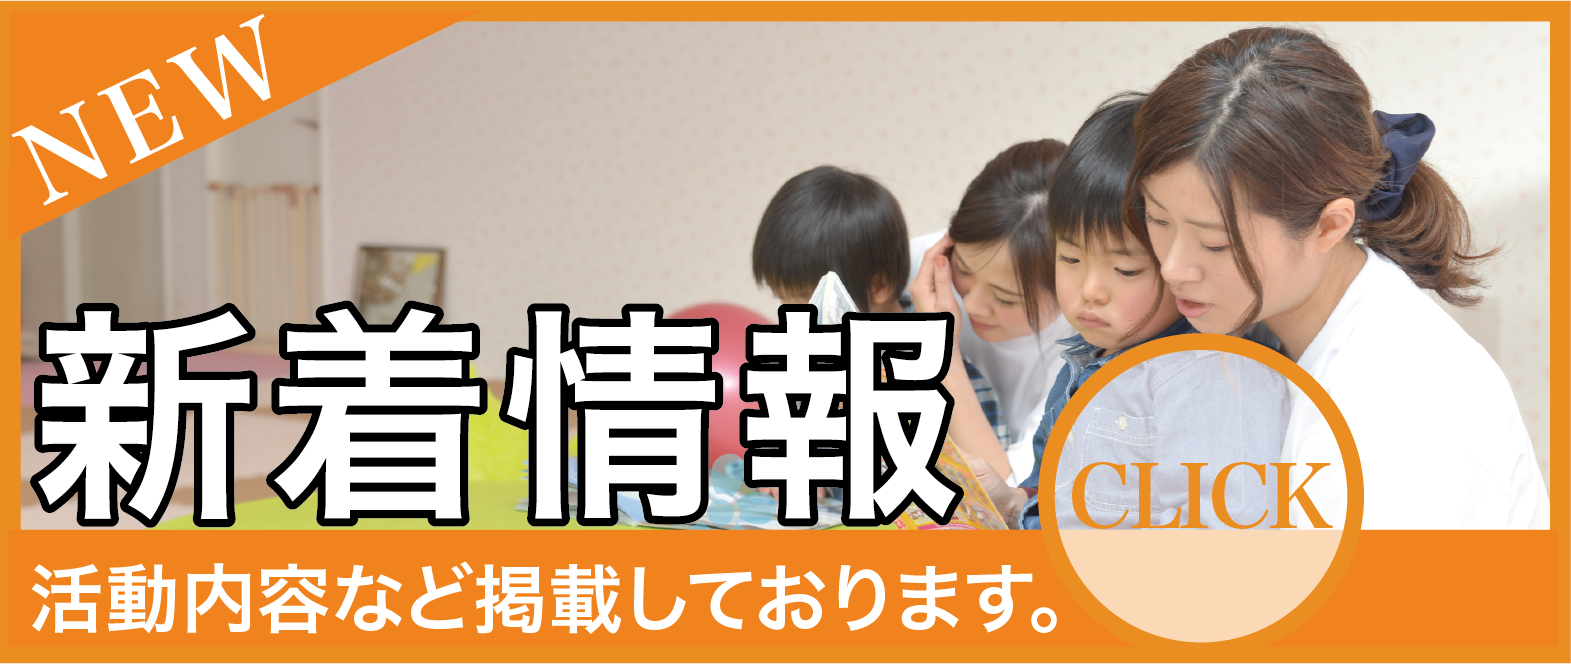 tsubasa-wg4